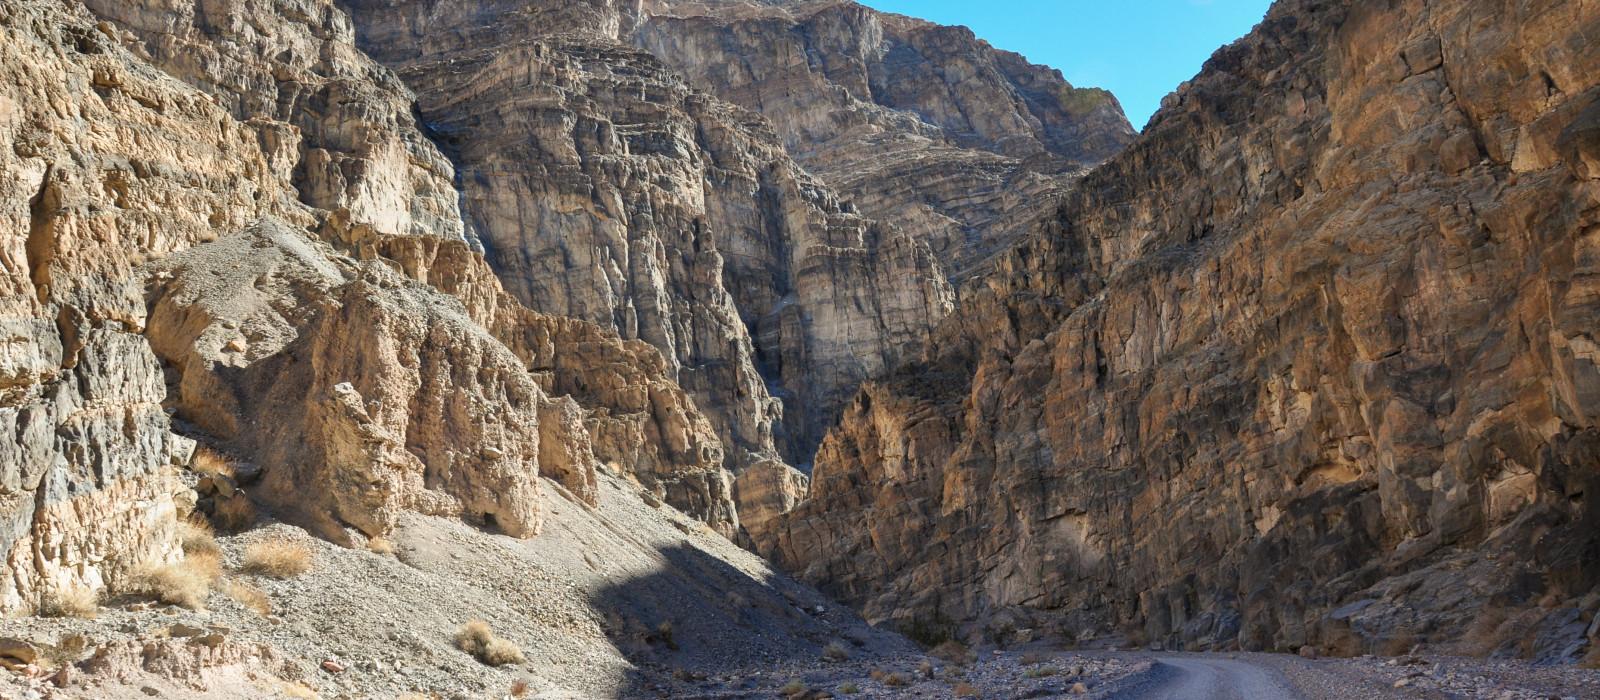 Reiseziel Death Valley Nationalpark USA